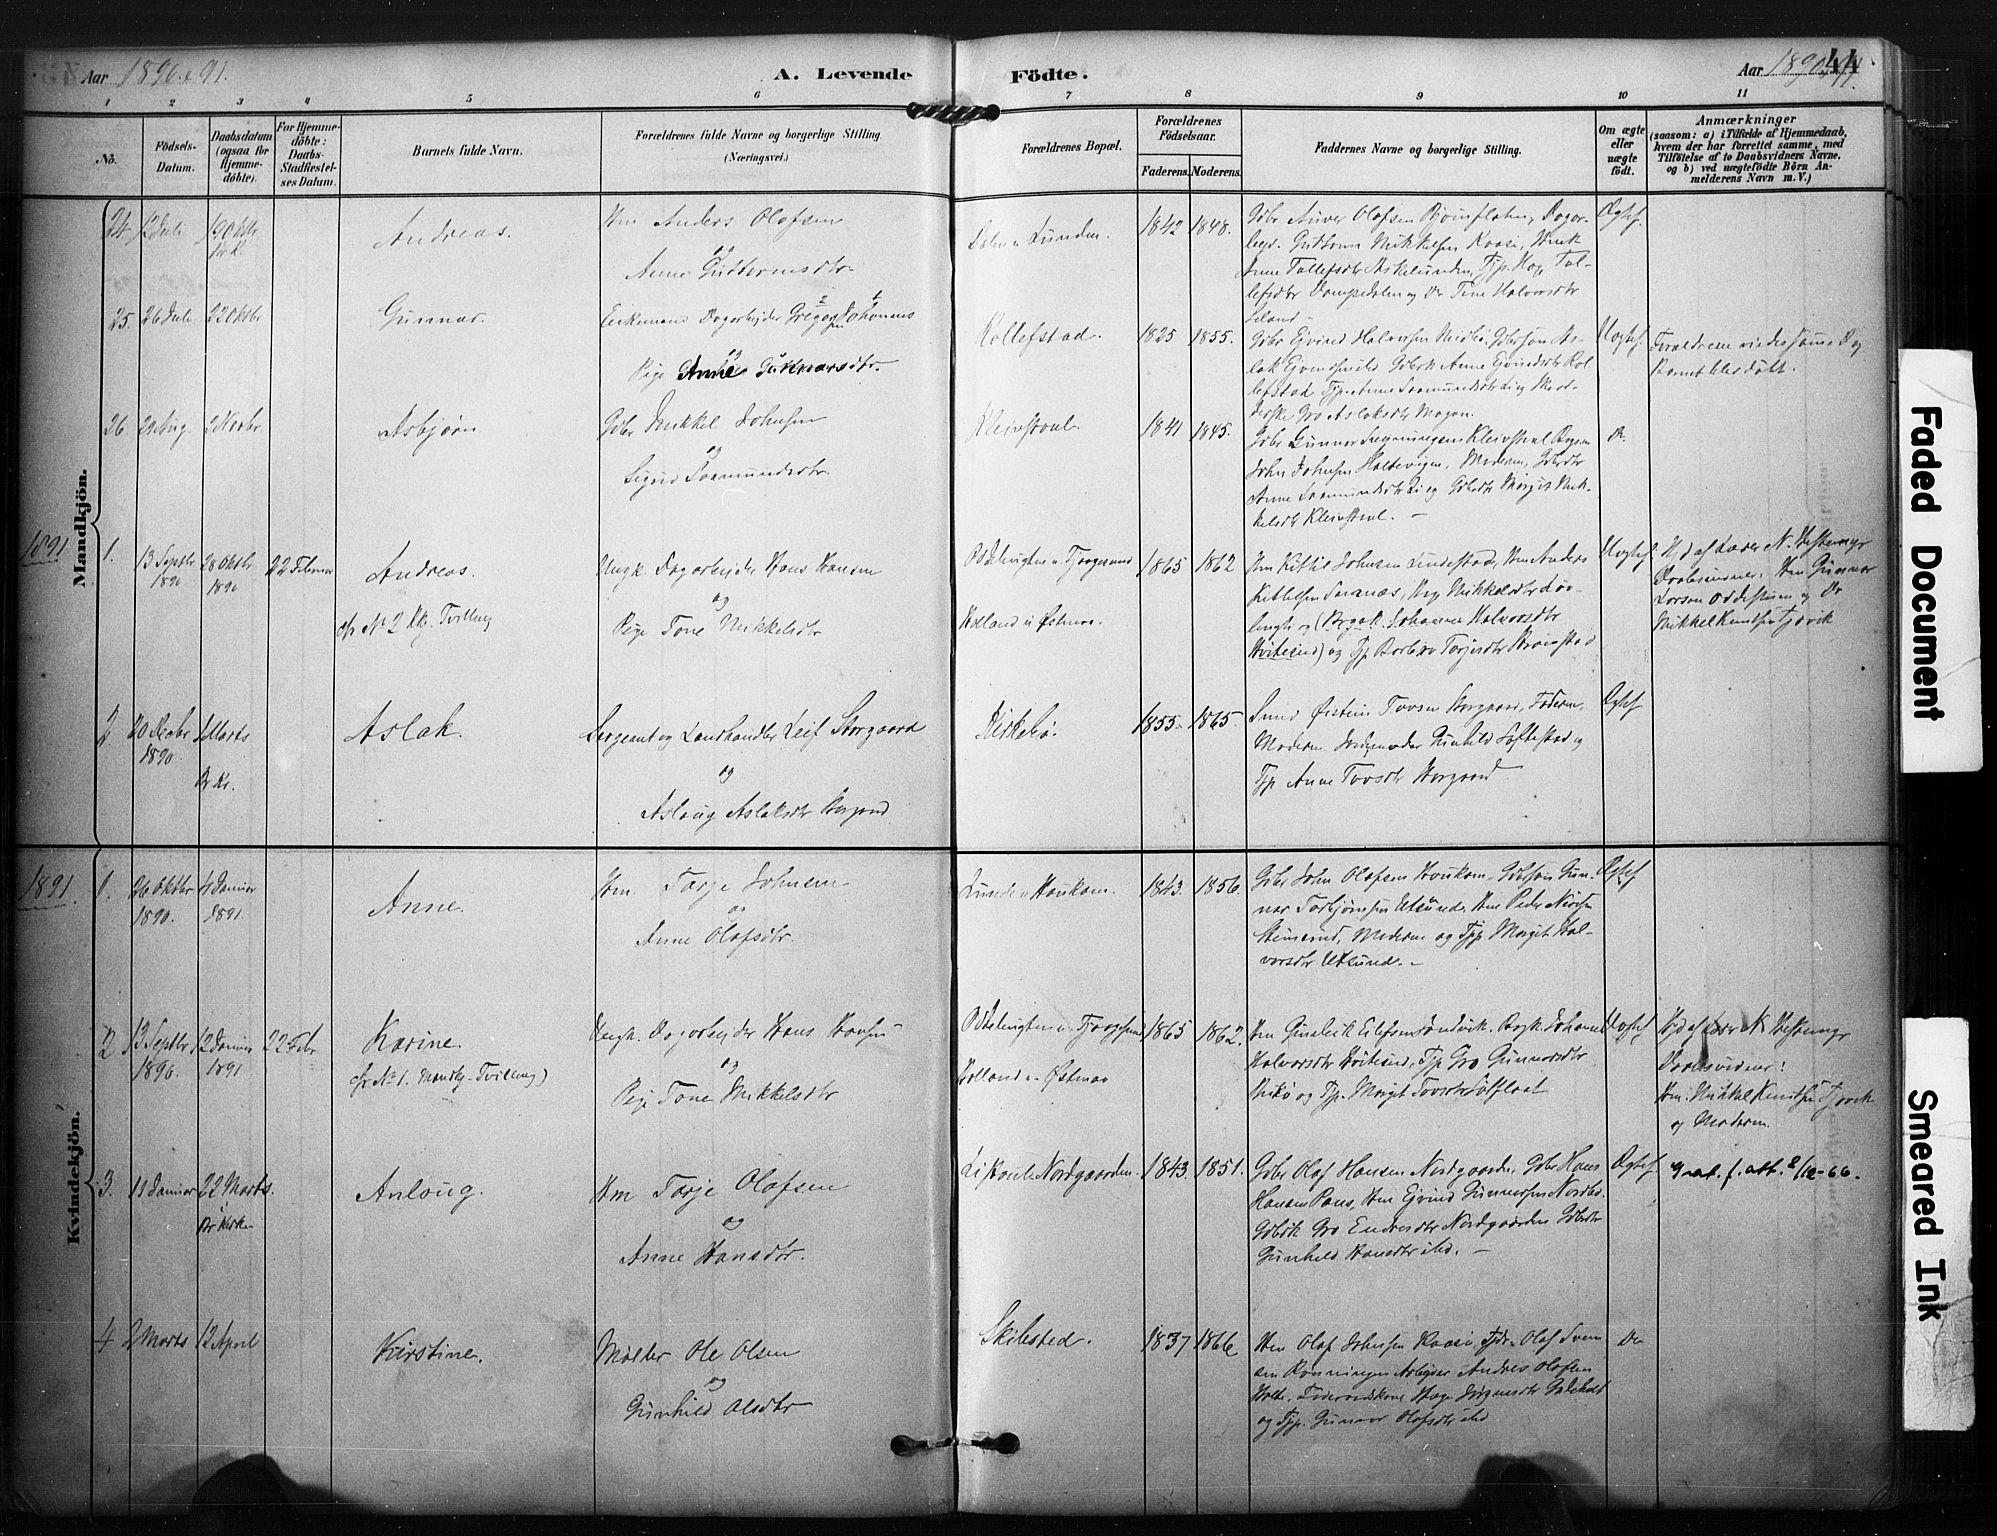 SAKO, Kviteseid kirkebøker, F/Fa/L0008: Ministerialbok nr. I 8, 1882-1903, s. 44